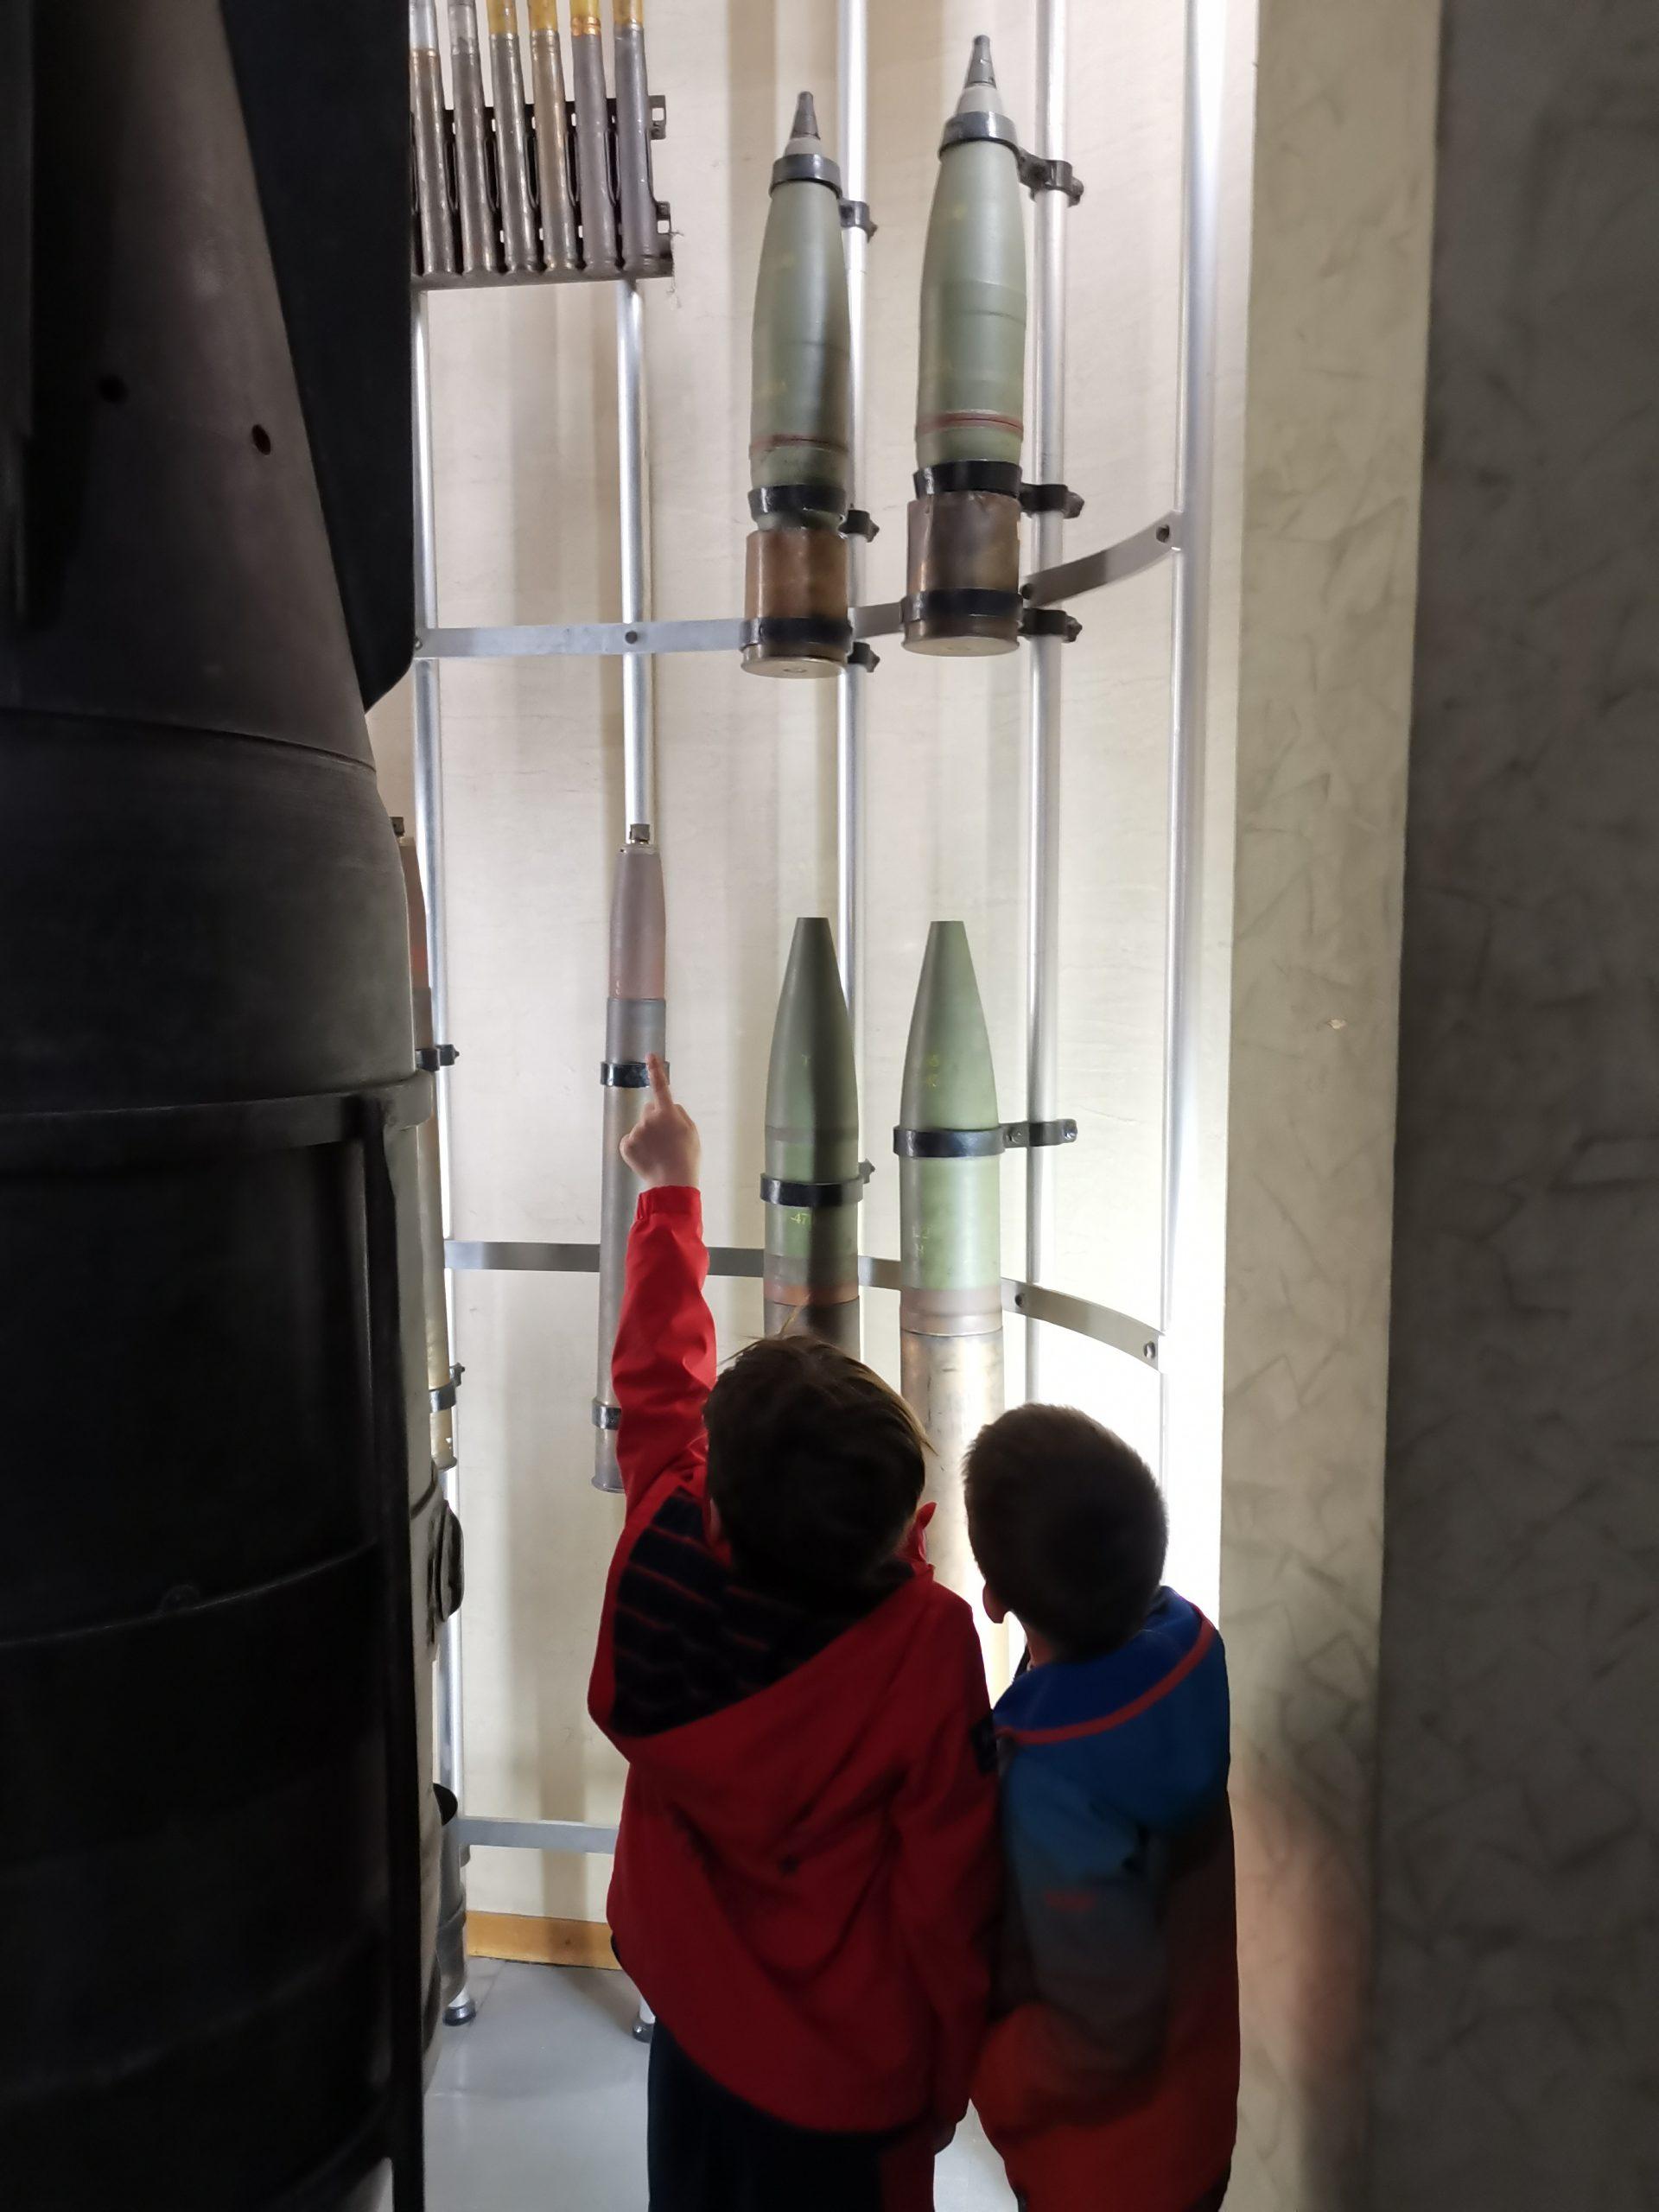 posetili smo Vojni muzej. Pričamo o prolaznosti vremena, oružju, istoriji, narodima